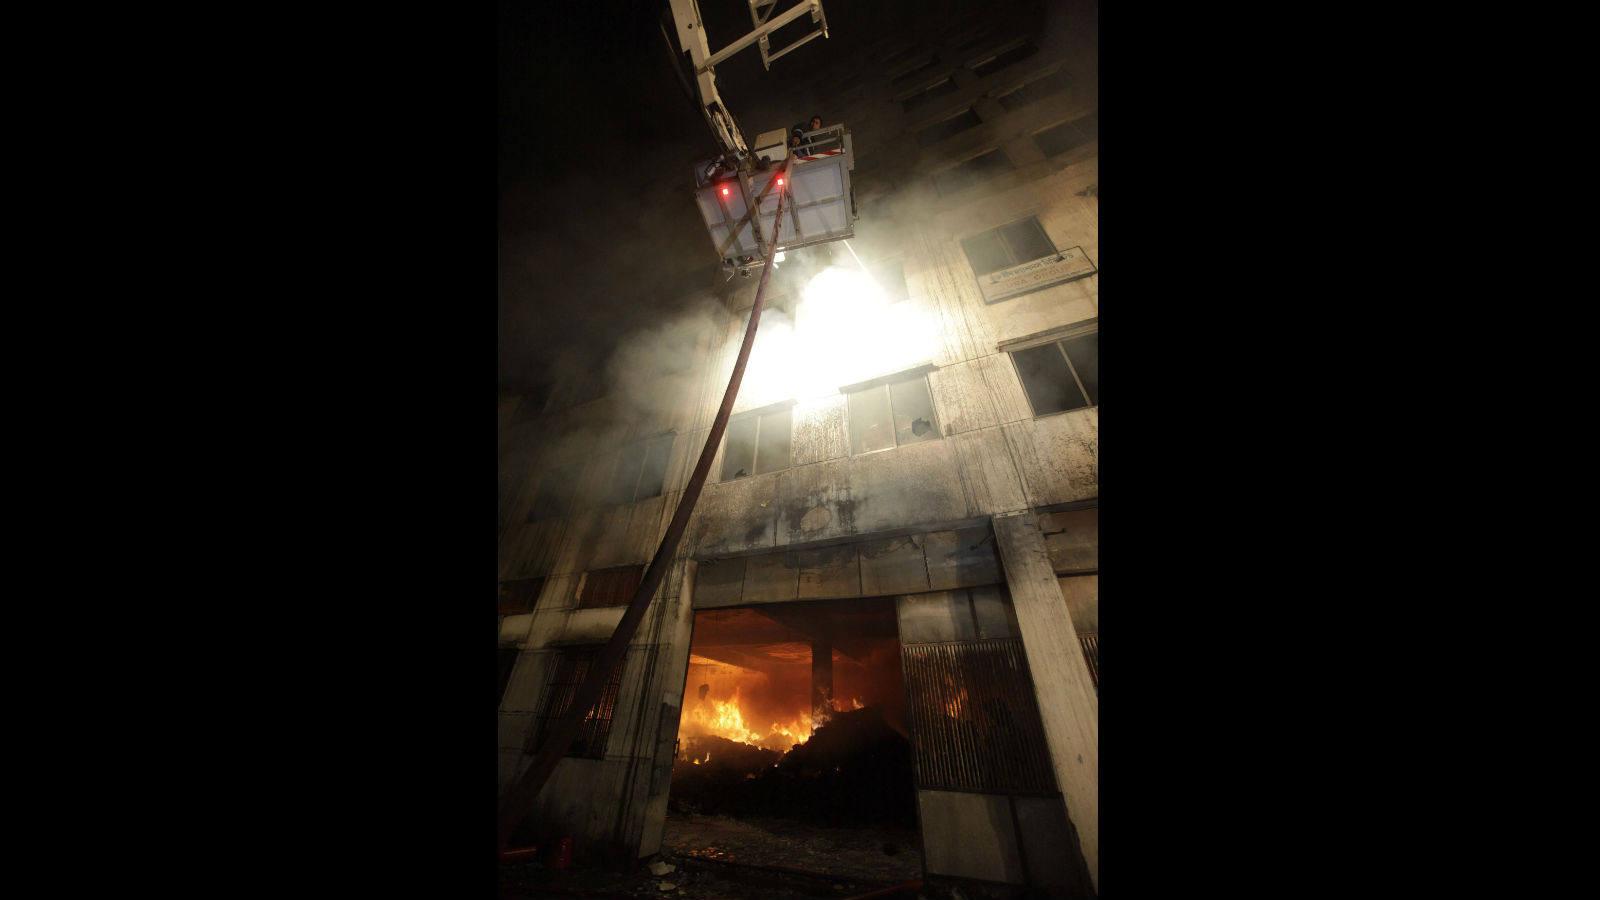 bb7aad22c9c15 Al menos 120 muertos en un aparatoso incendio en una fábrica textil de  Bangladesh - Internacional - ABC.es